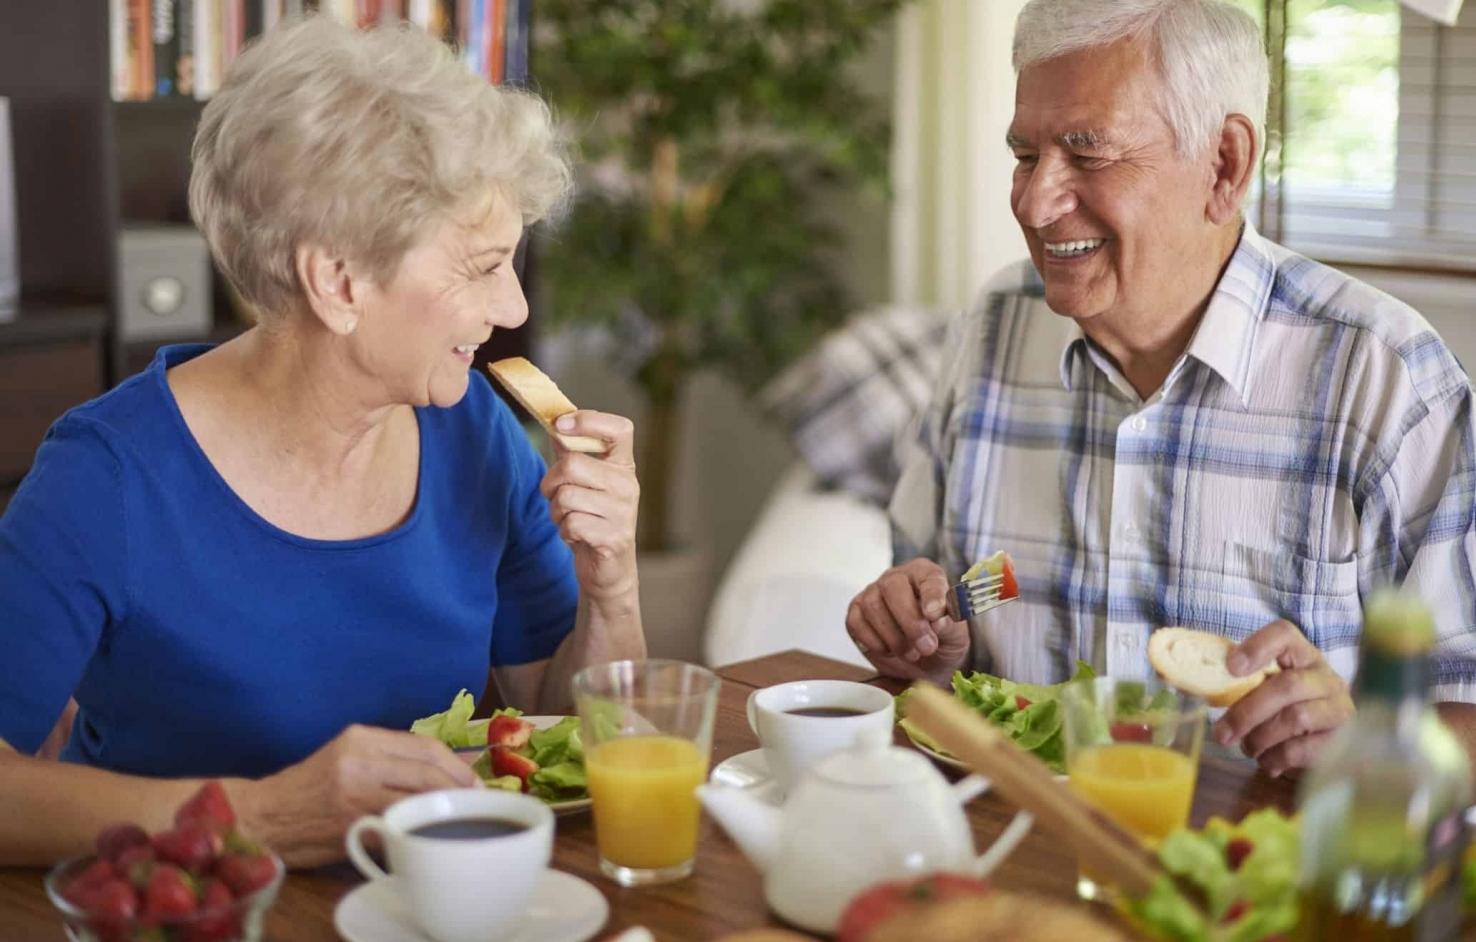 Ăn đúng cách giúp người cao tuổi sống khỏe hơn trong mùa dịch